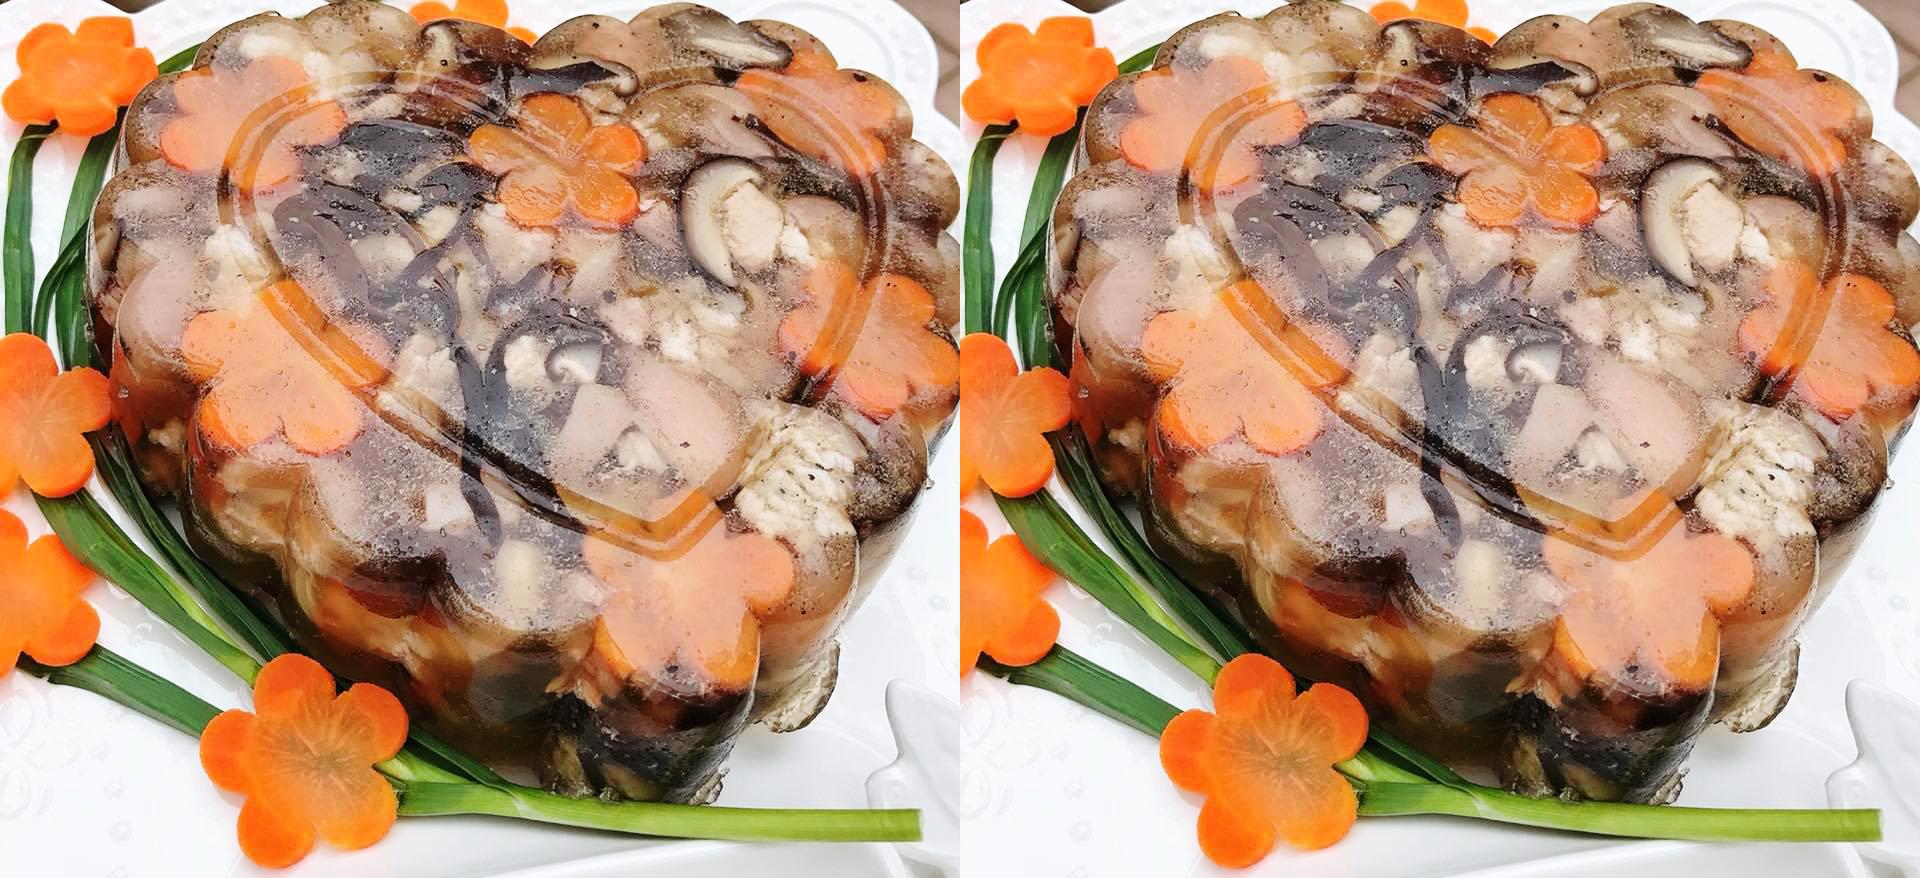 Bí quyết đơn giản nấu thịt đông ngon, nhừ, trong veo